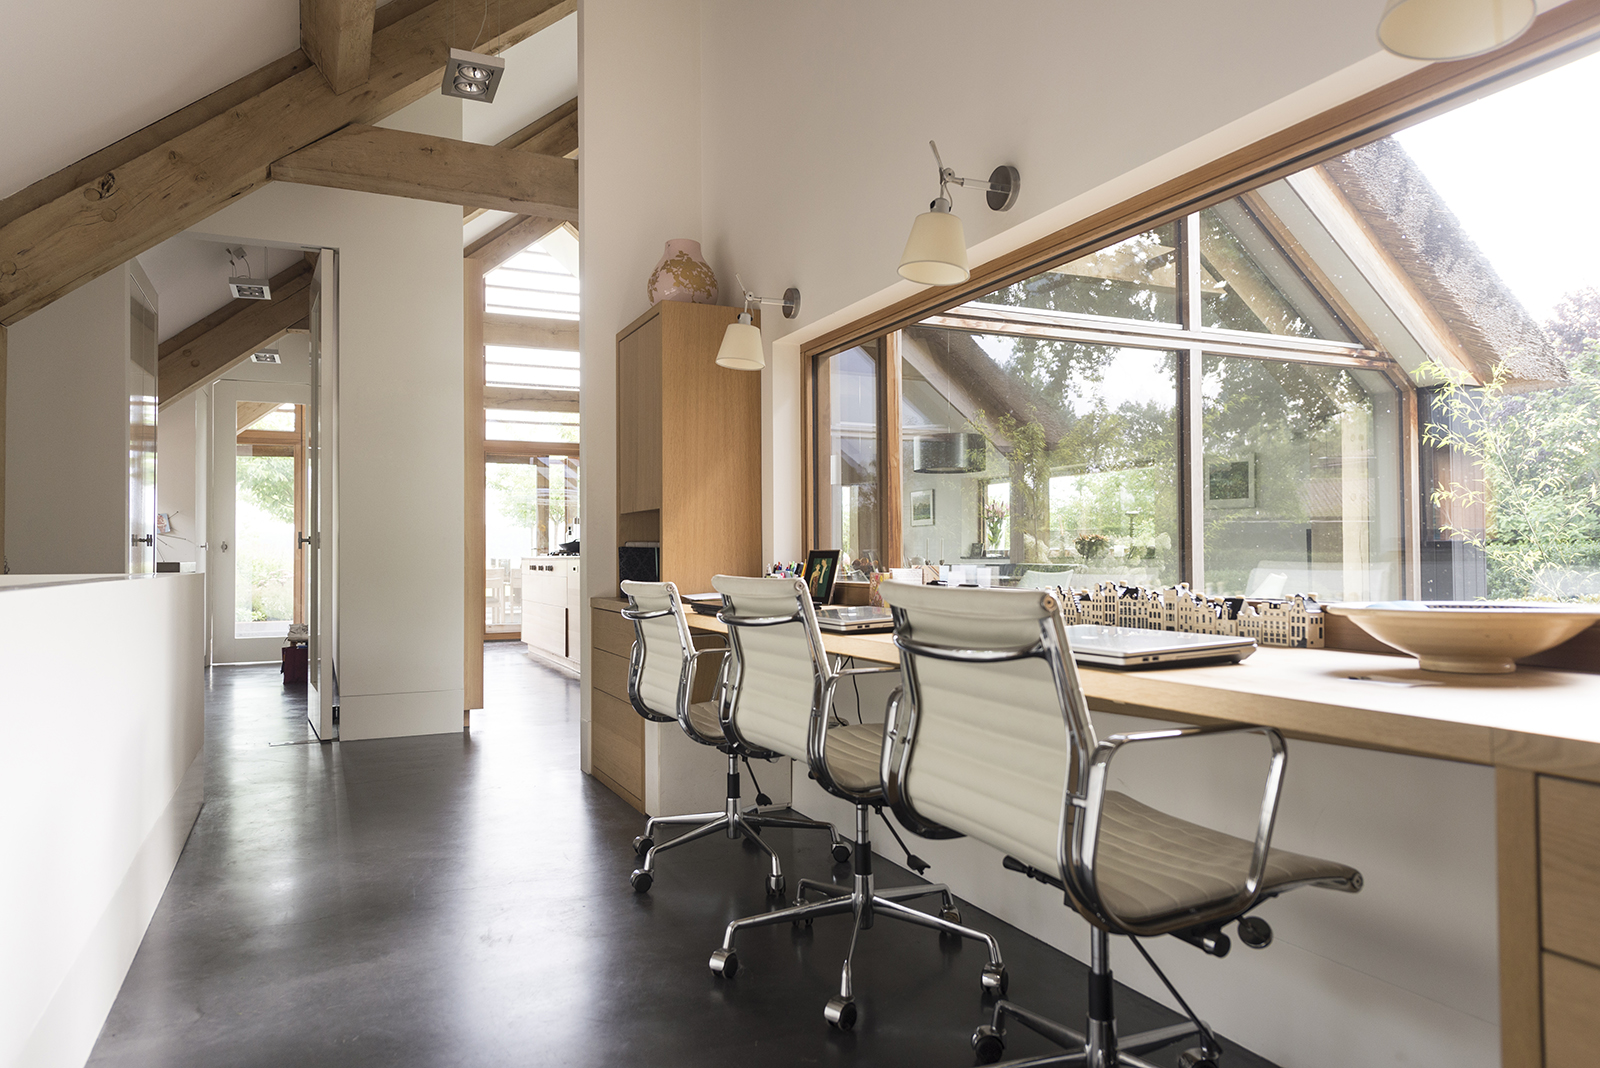 binnenkijken bij schuurwoning gerealiseerd door Morrenbouw, kantoorruimte